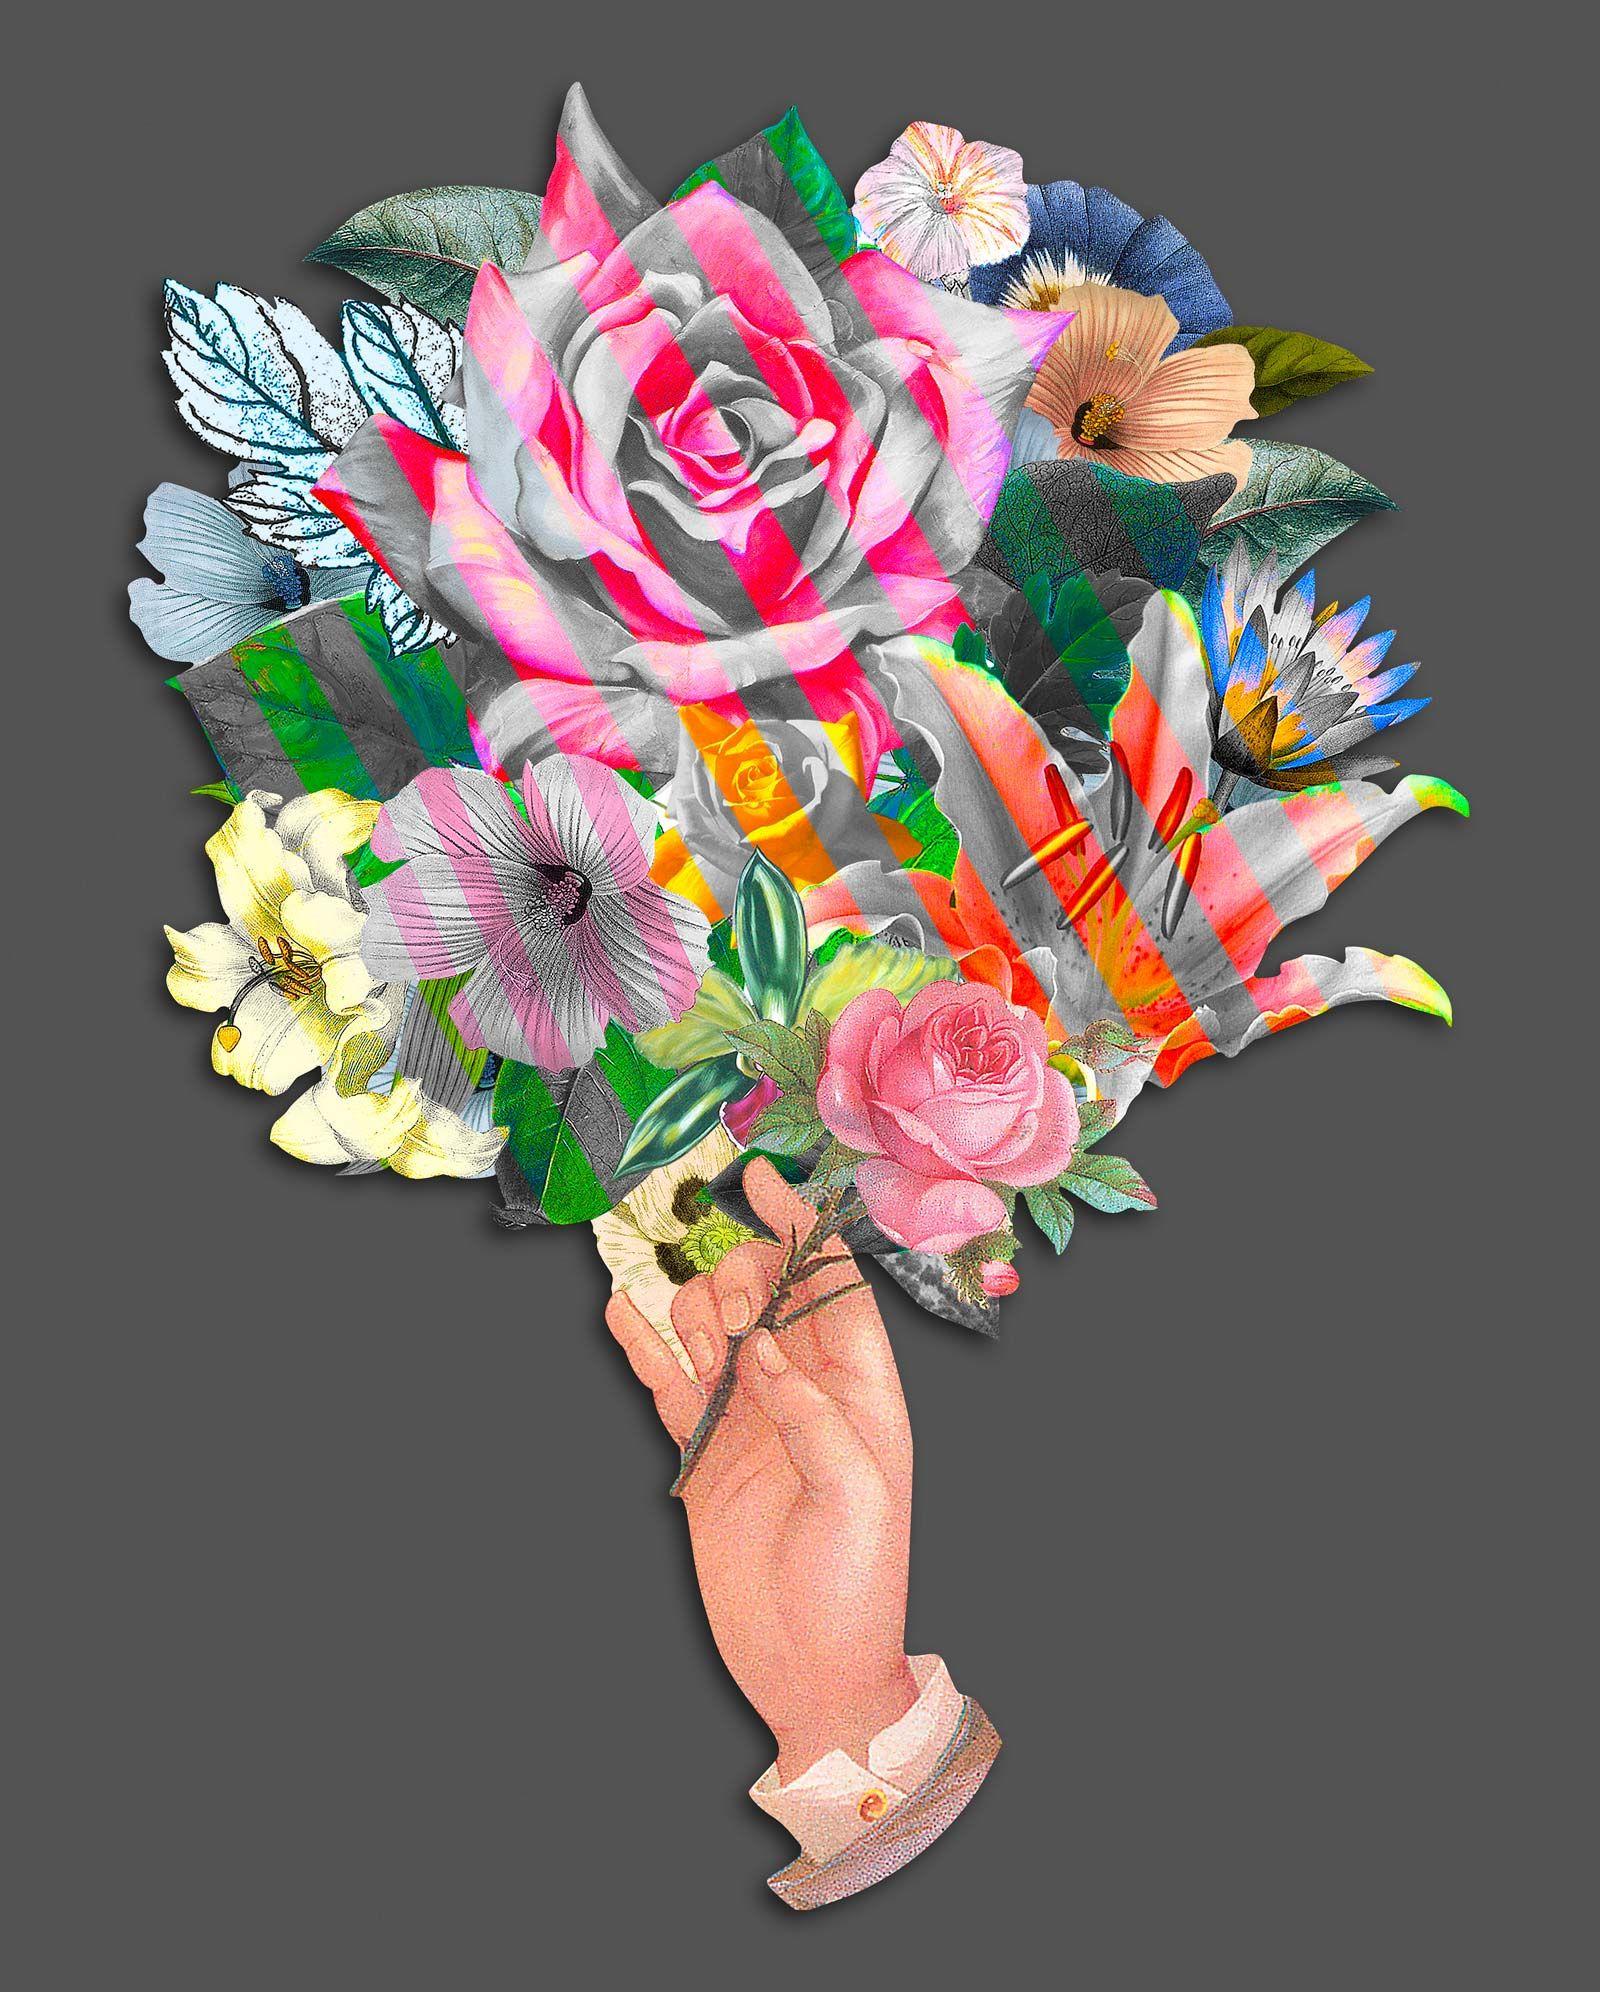 Pin Von I Magawa Auf Art In 2020 Lumas Art Floral Fotokunst